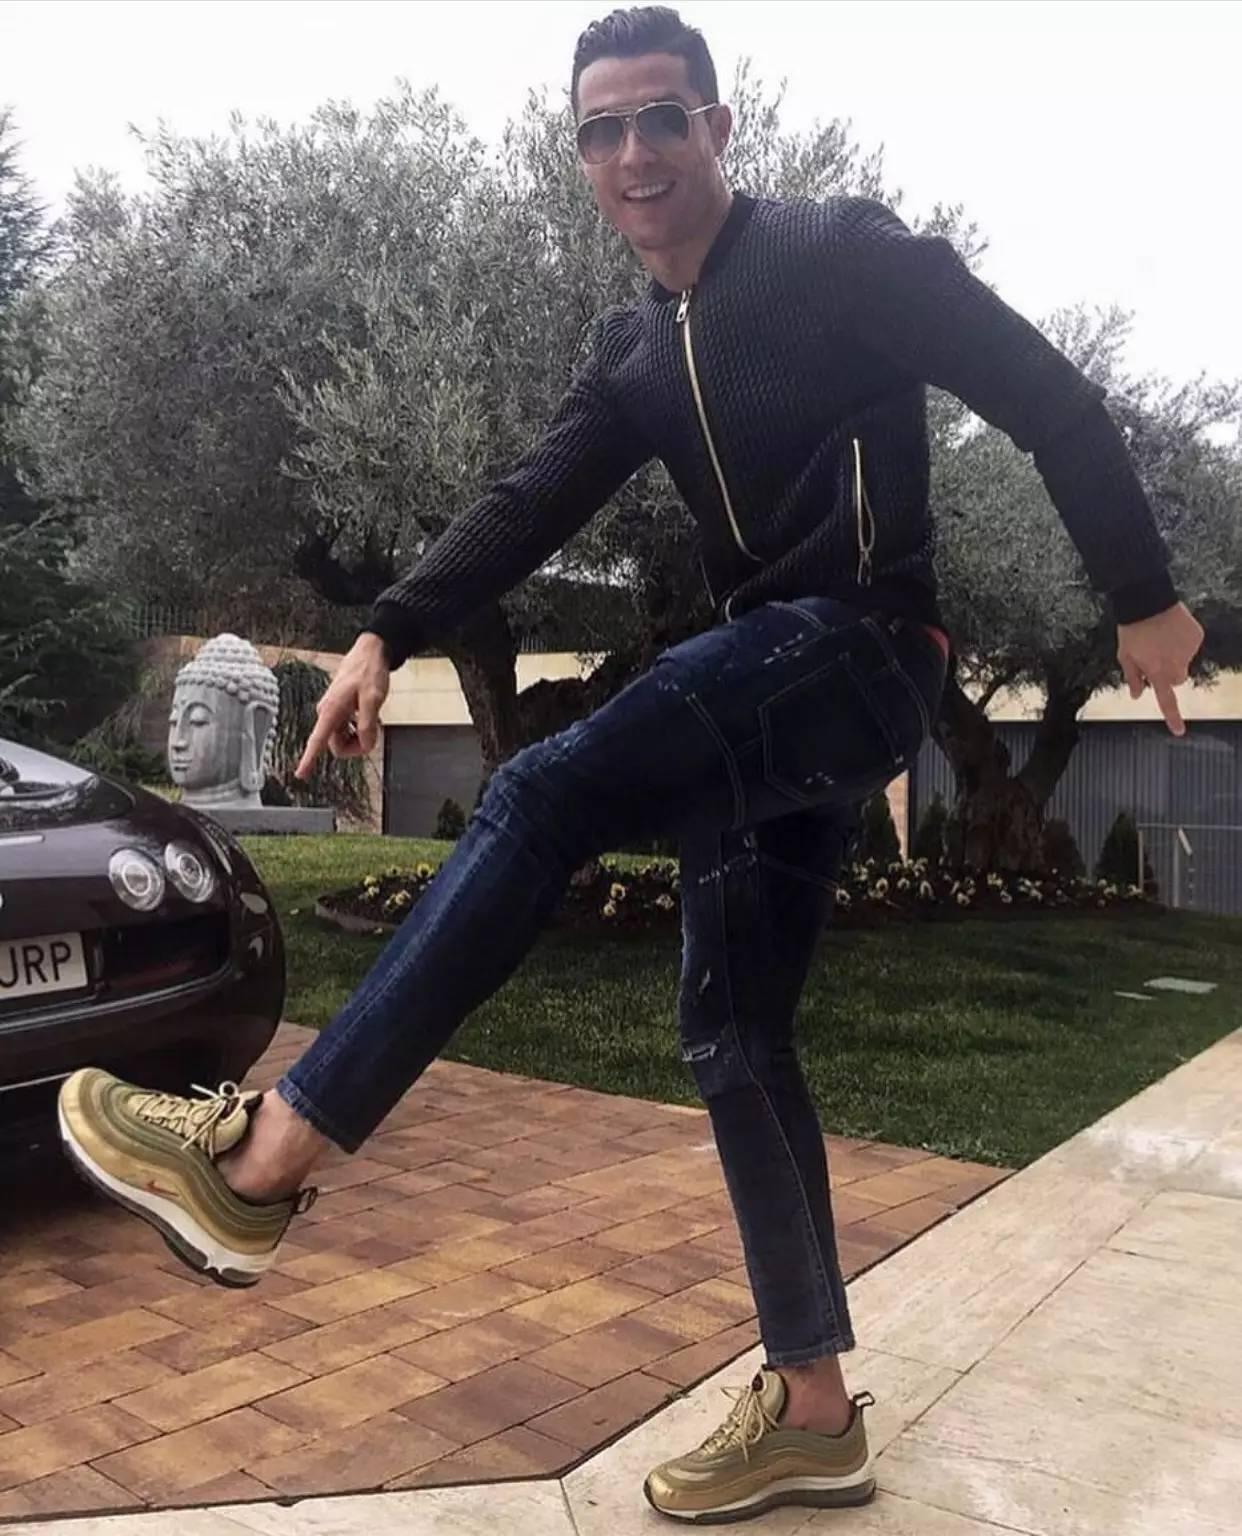 大飞:你又有很多新运动鞋款可以选了